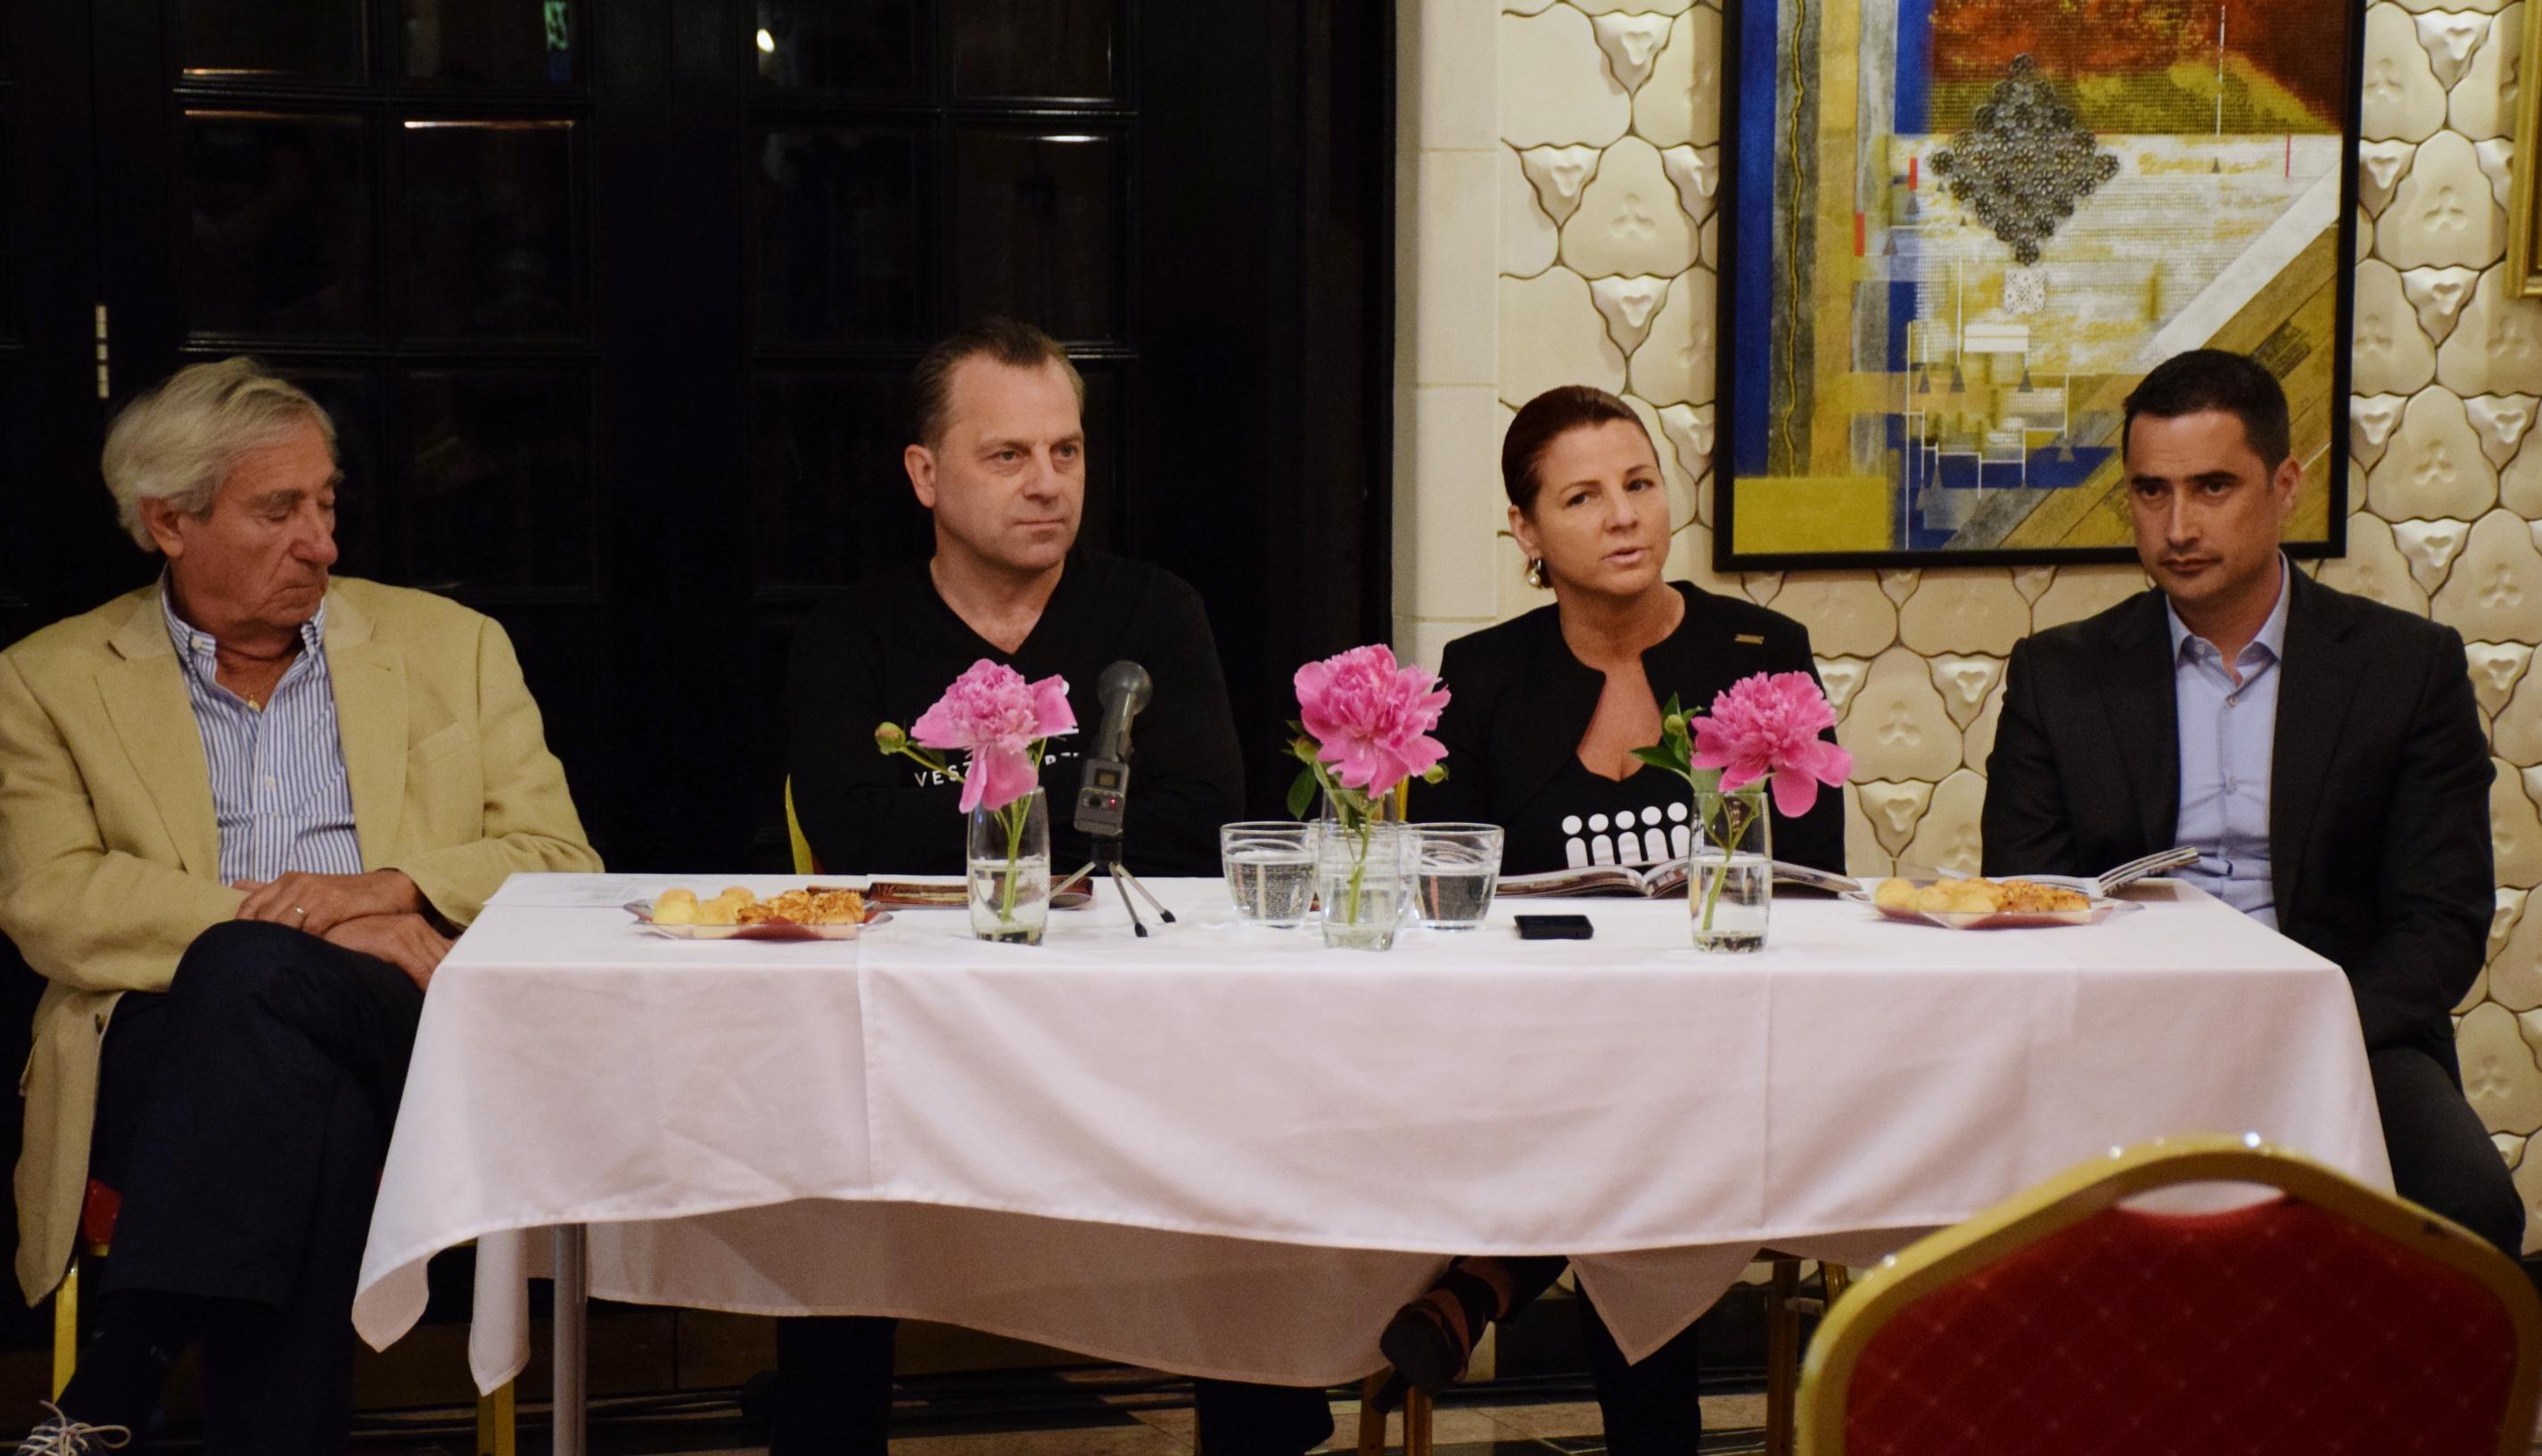 Szilágyi Tibor színművész, Oberfrank Pál igazgató, Kellerné Egresi Zsuzsanna igazgatóhelyettes és Ovádi Péter országgyűlési képviselő